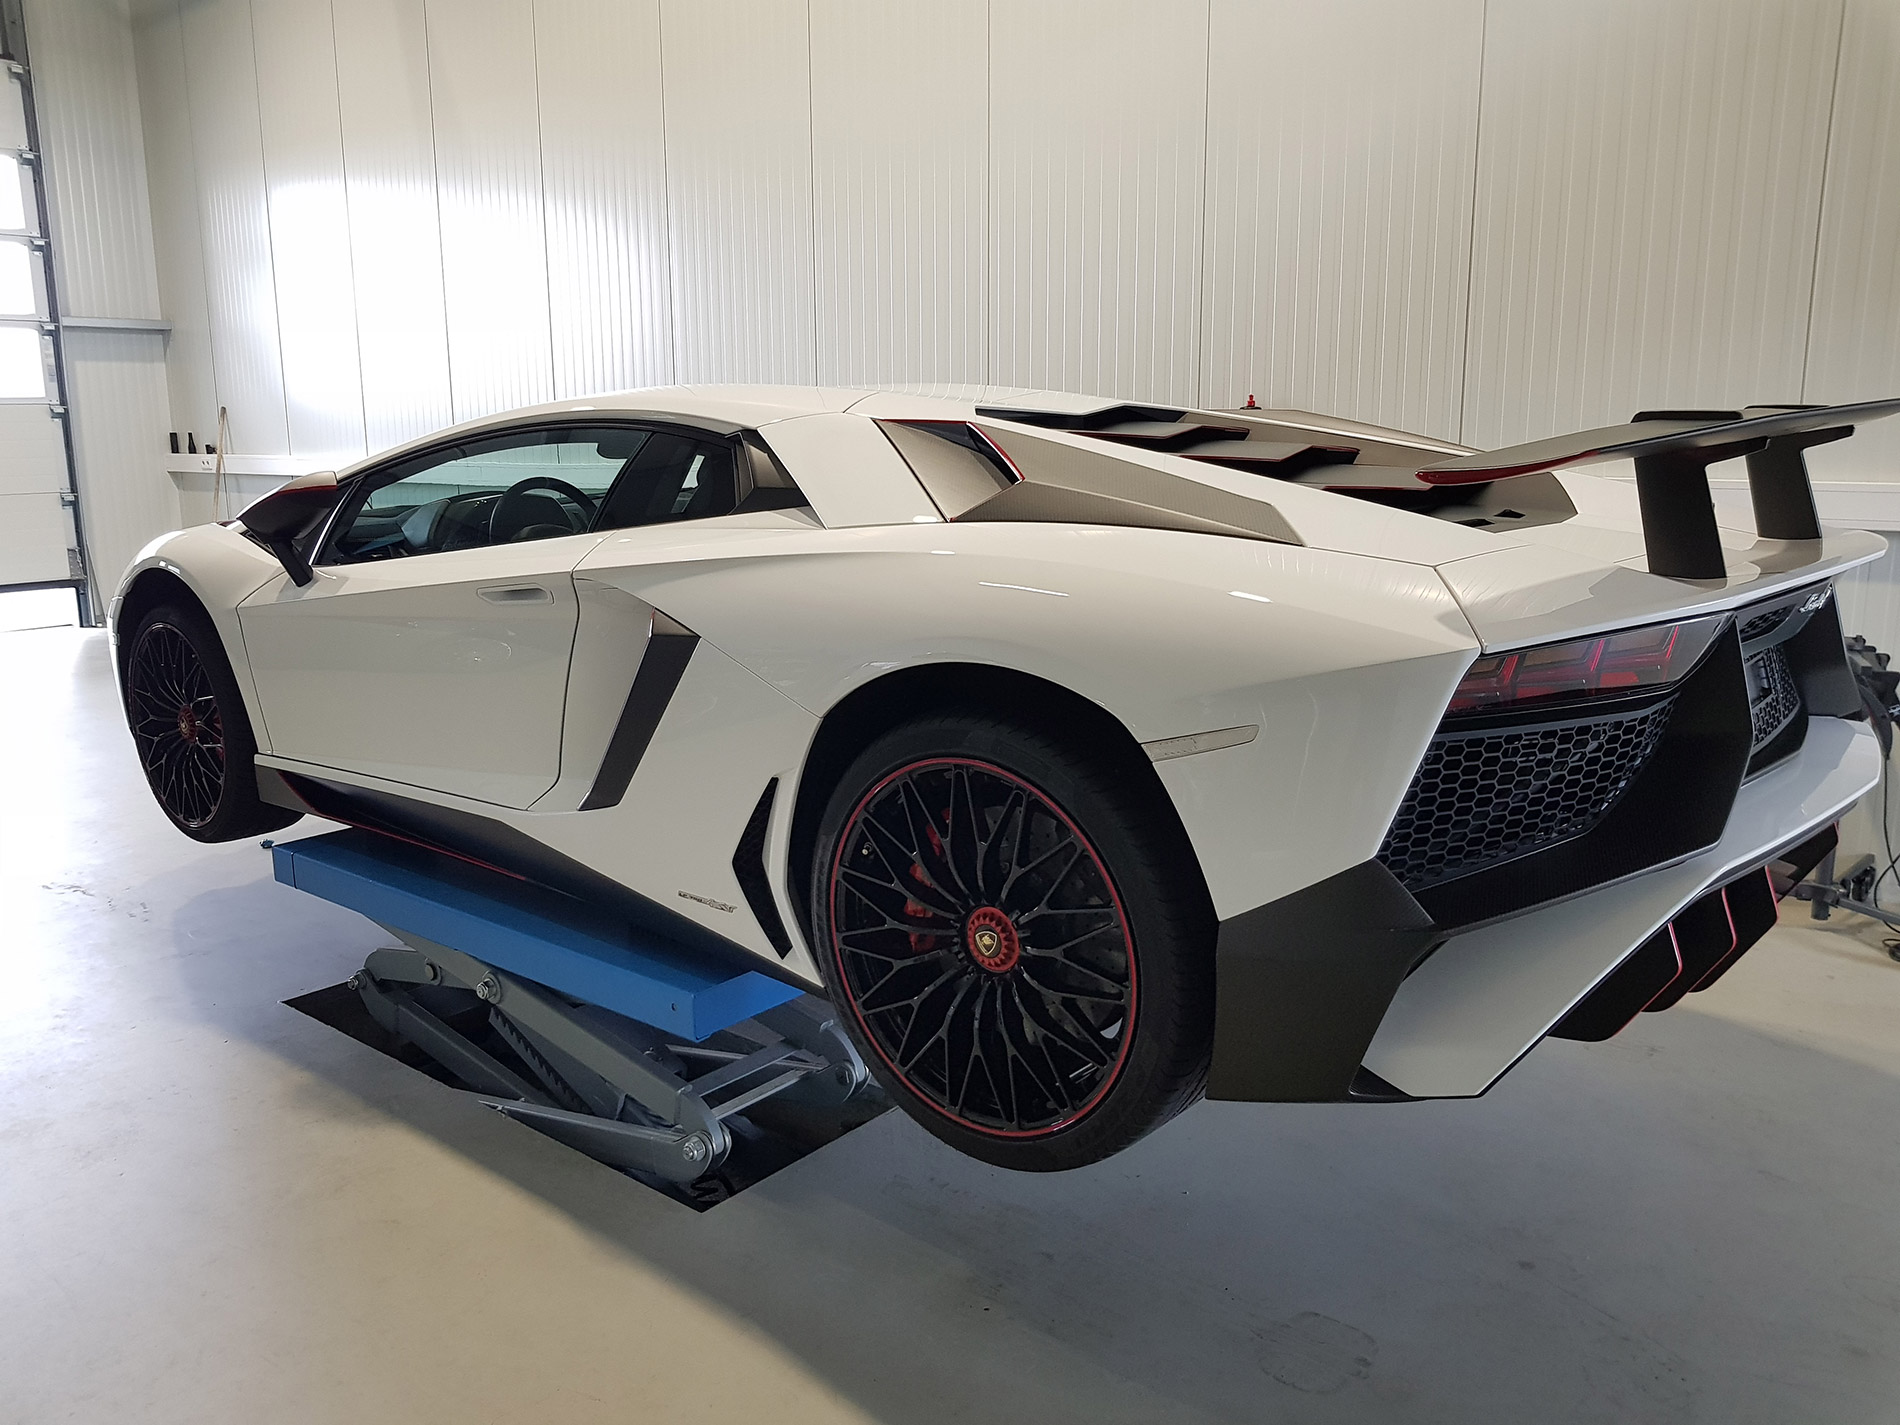 Lamborghini Aventador SV 9